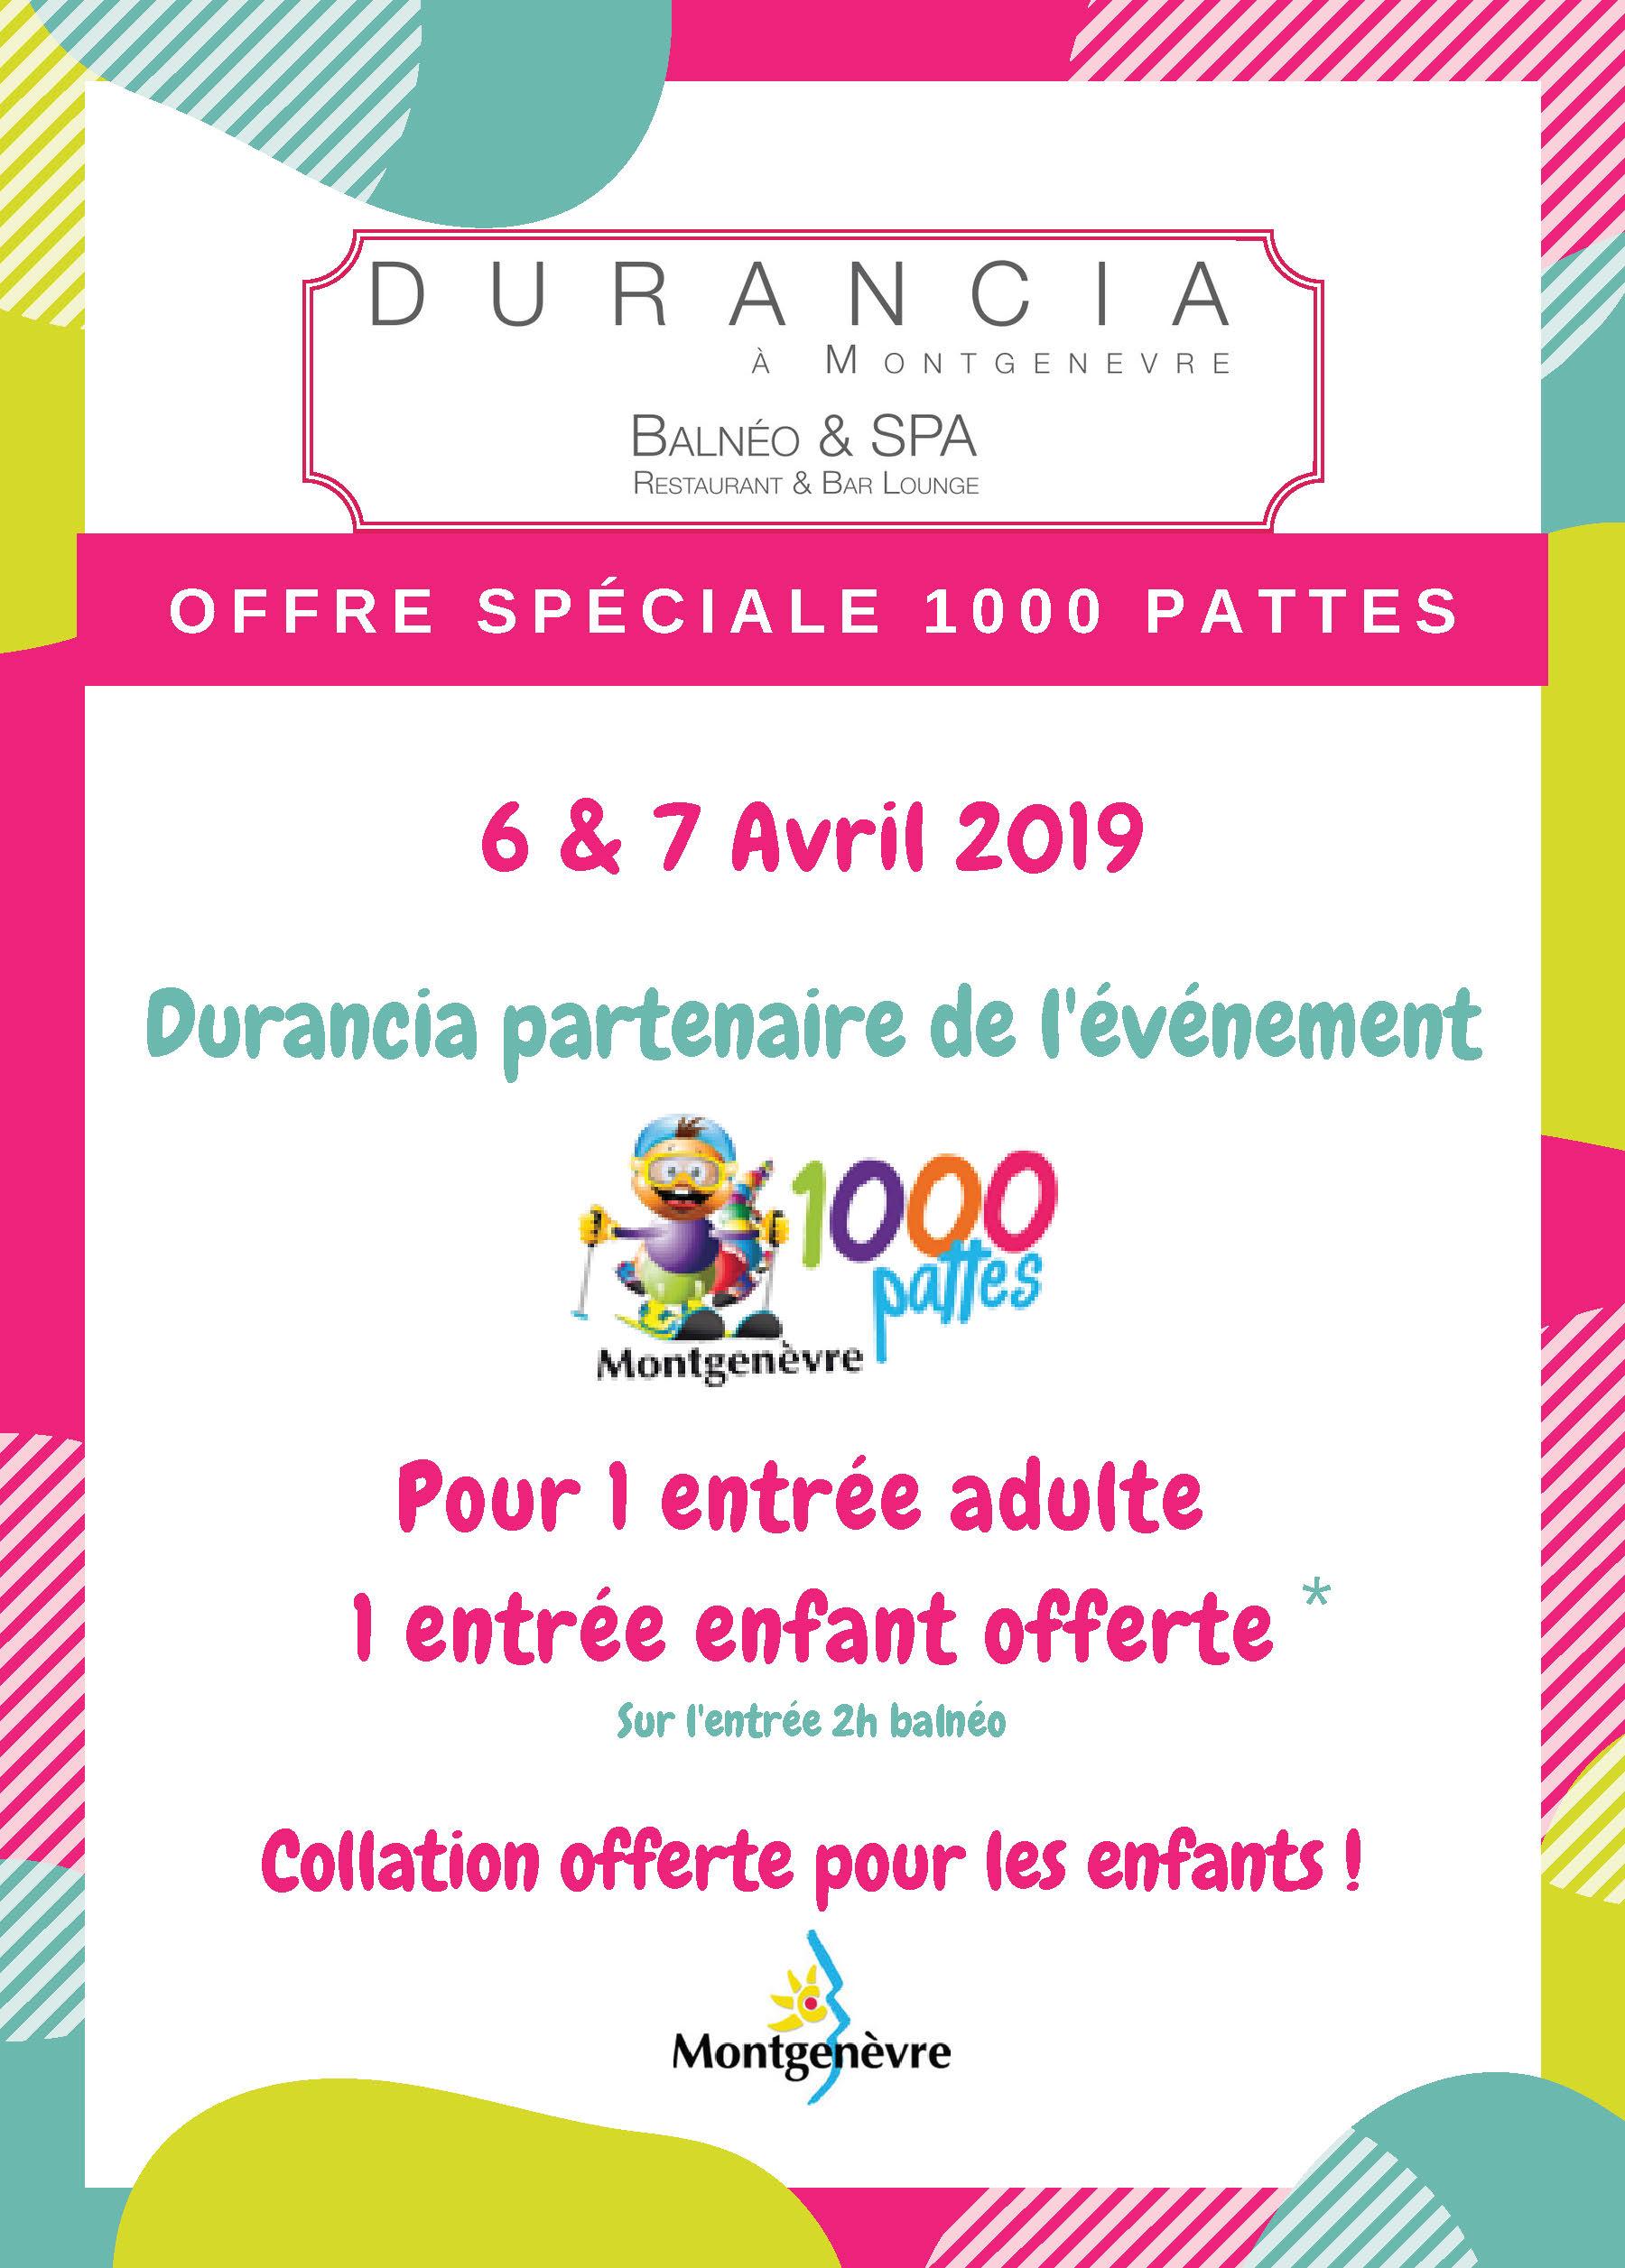 Offre Durancia - 1000 pattes - 6 et 7 avril 2019